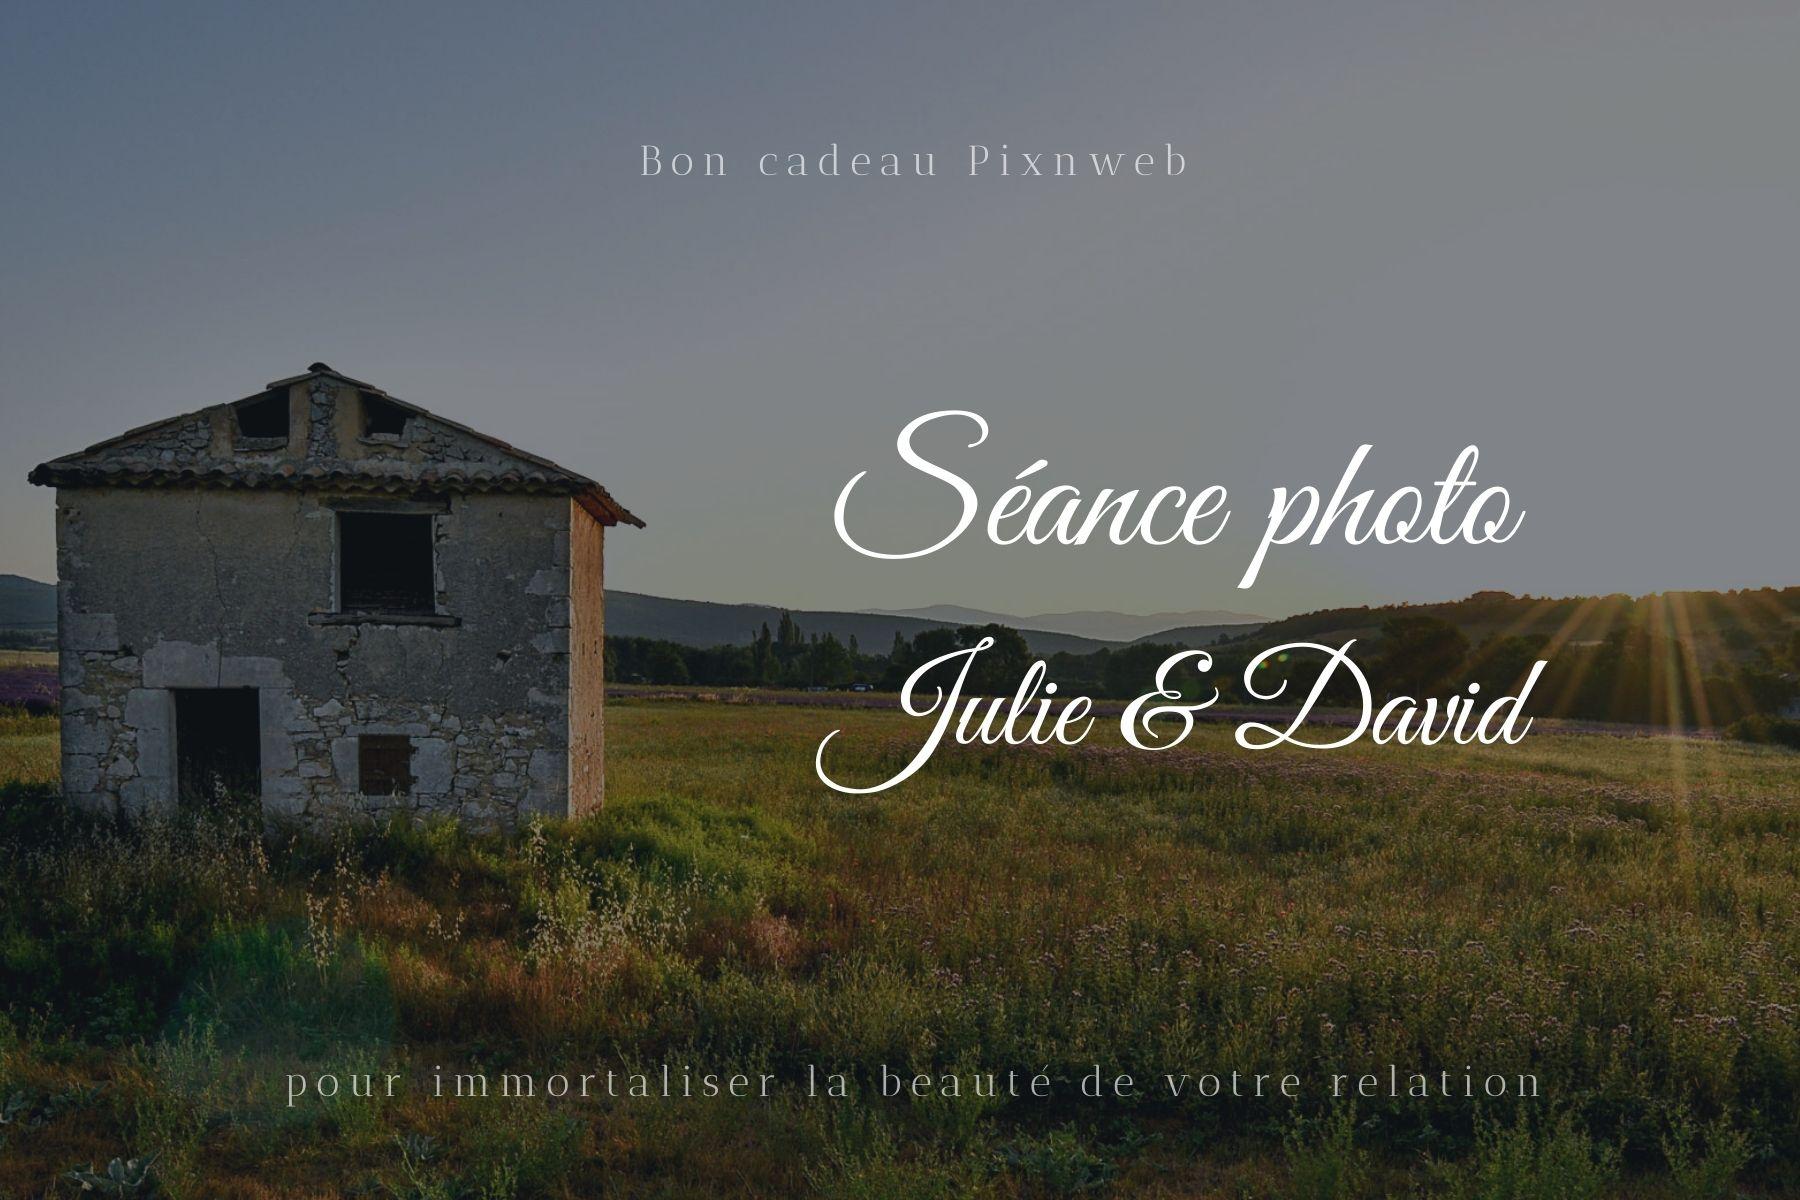 Offrir une carte cadeau pour une séance photo avec un photographe 13 Aix en Provence